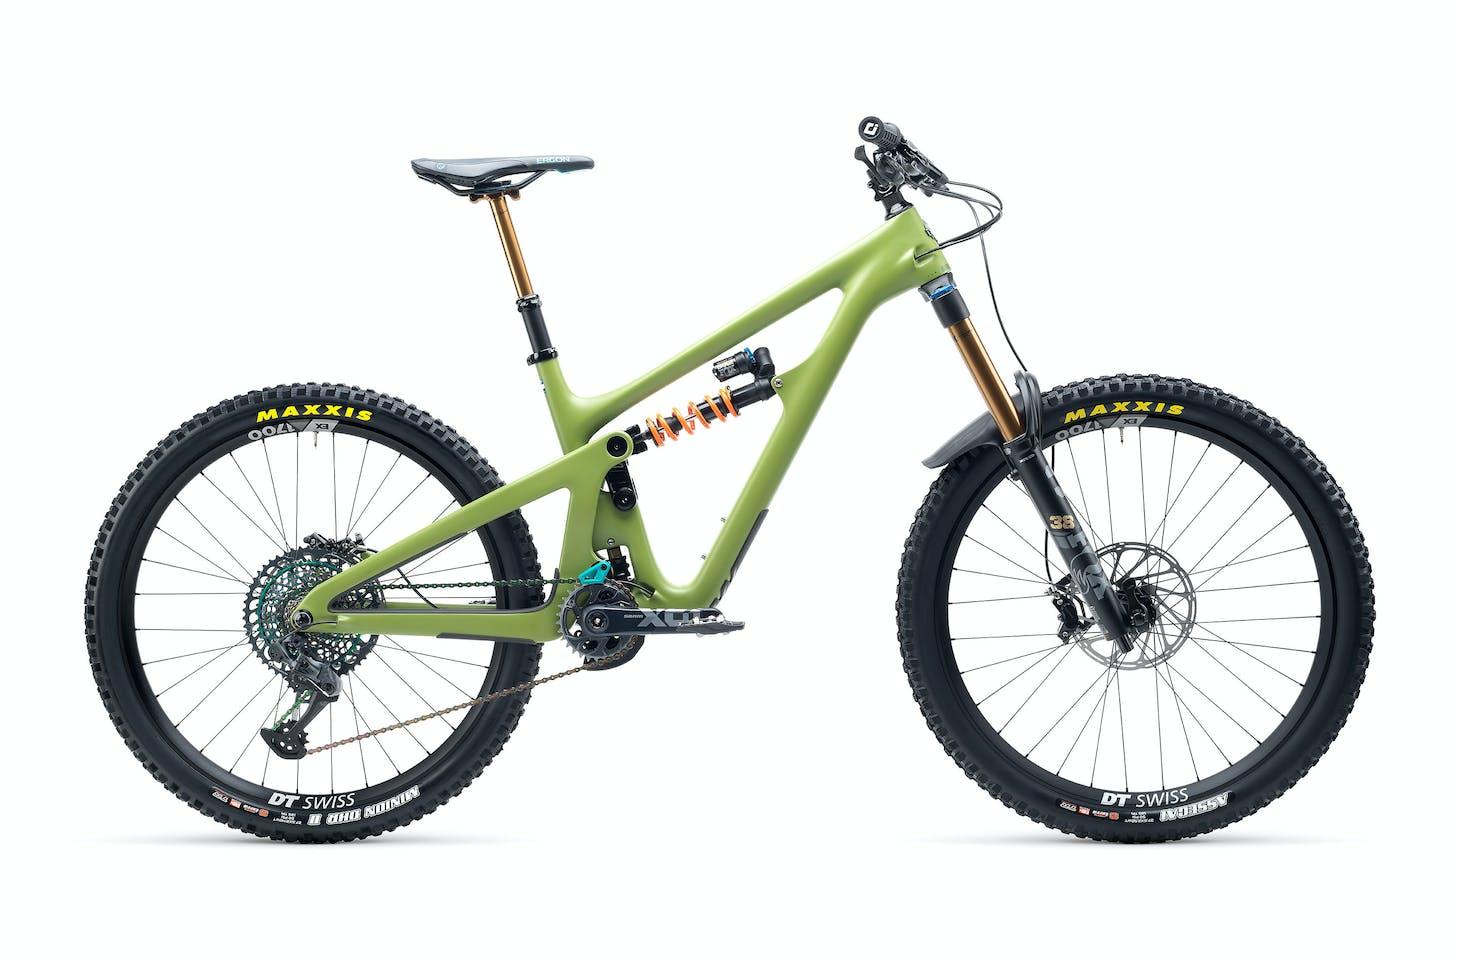 2021 SB165 T3 Moss